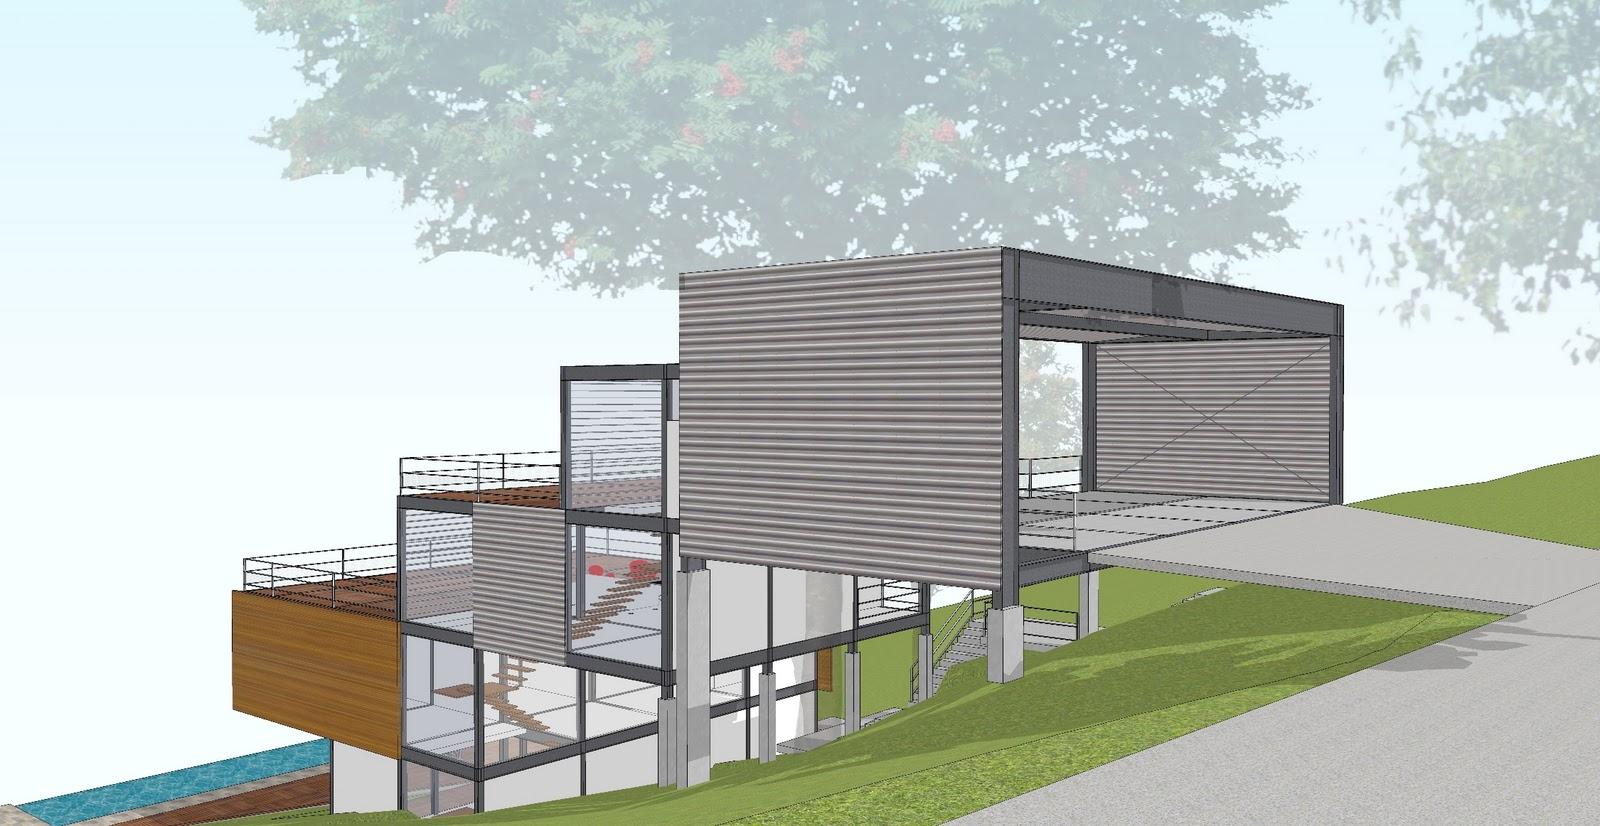 R2n arquitetura e urbanismo outubro 2011 - Terreno con casa ...